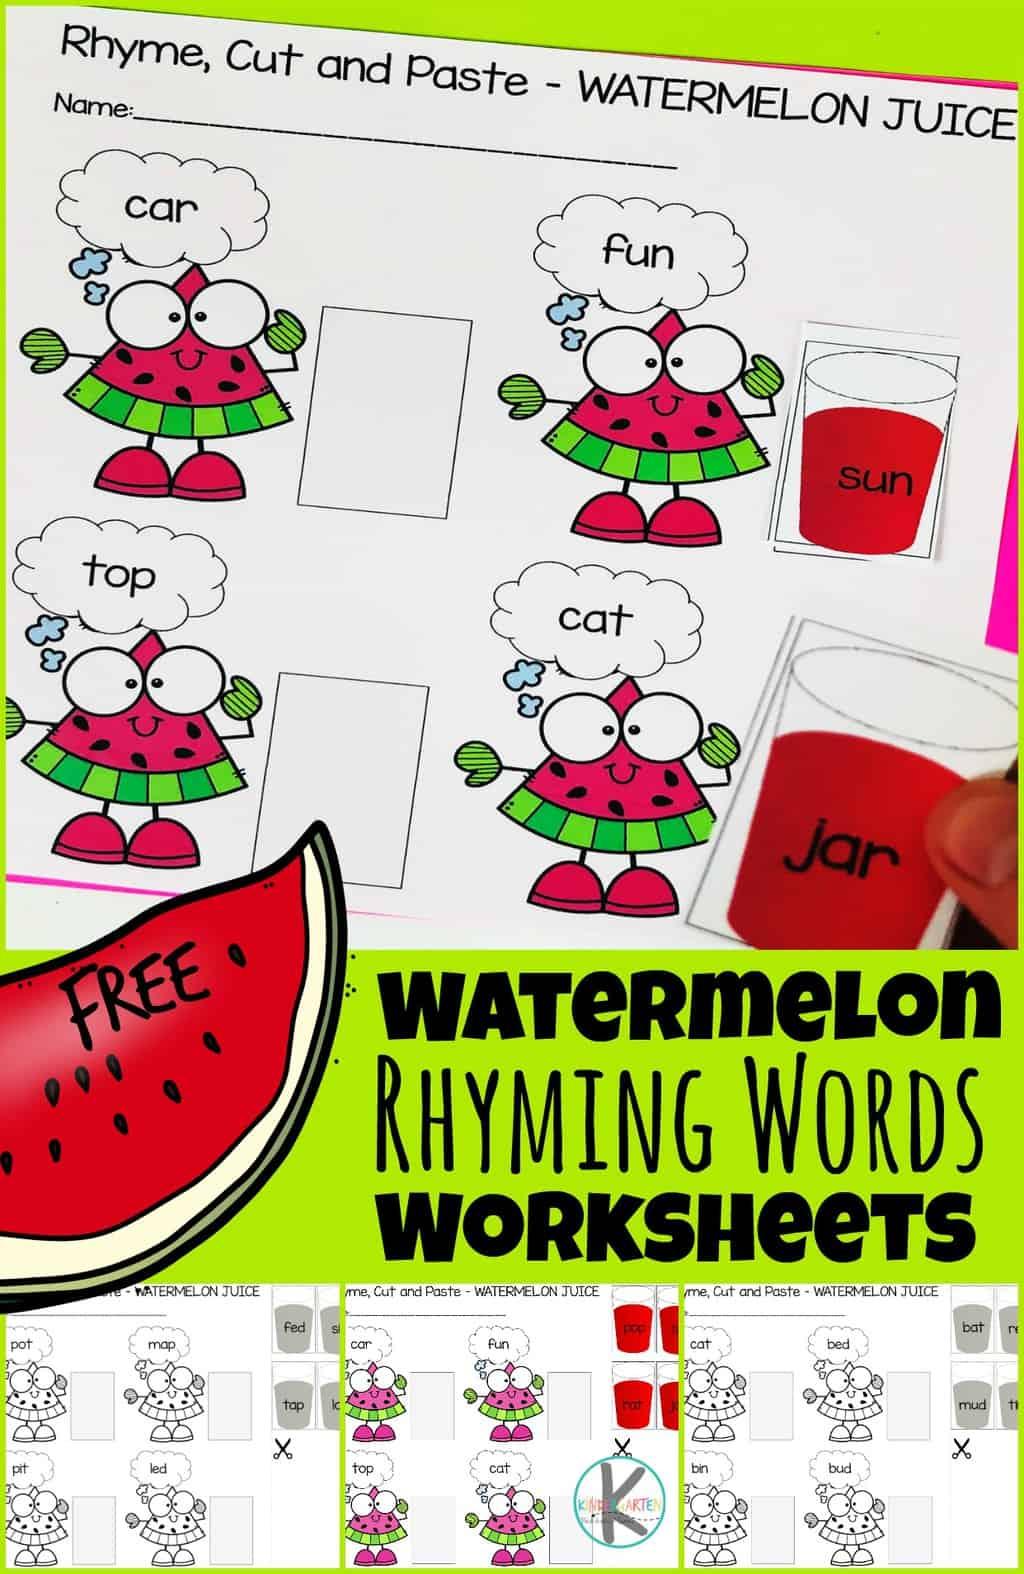 Free Watermelon Rhyming Words Worksheets